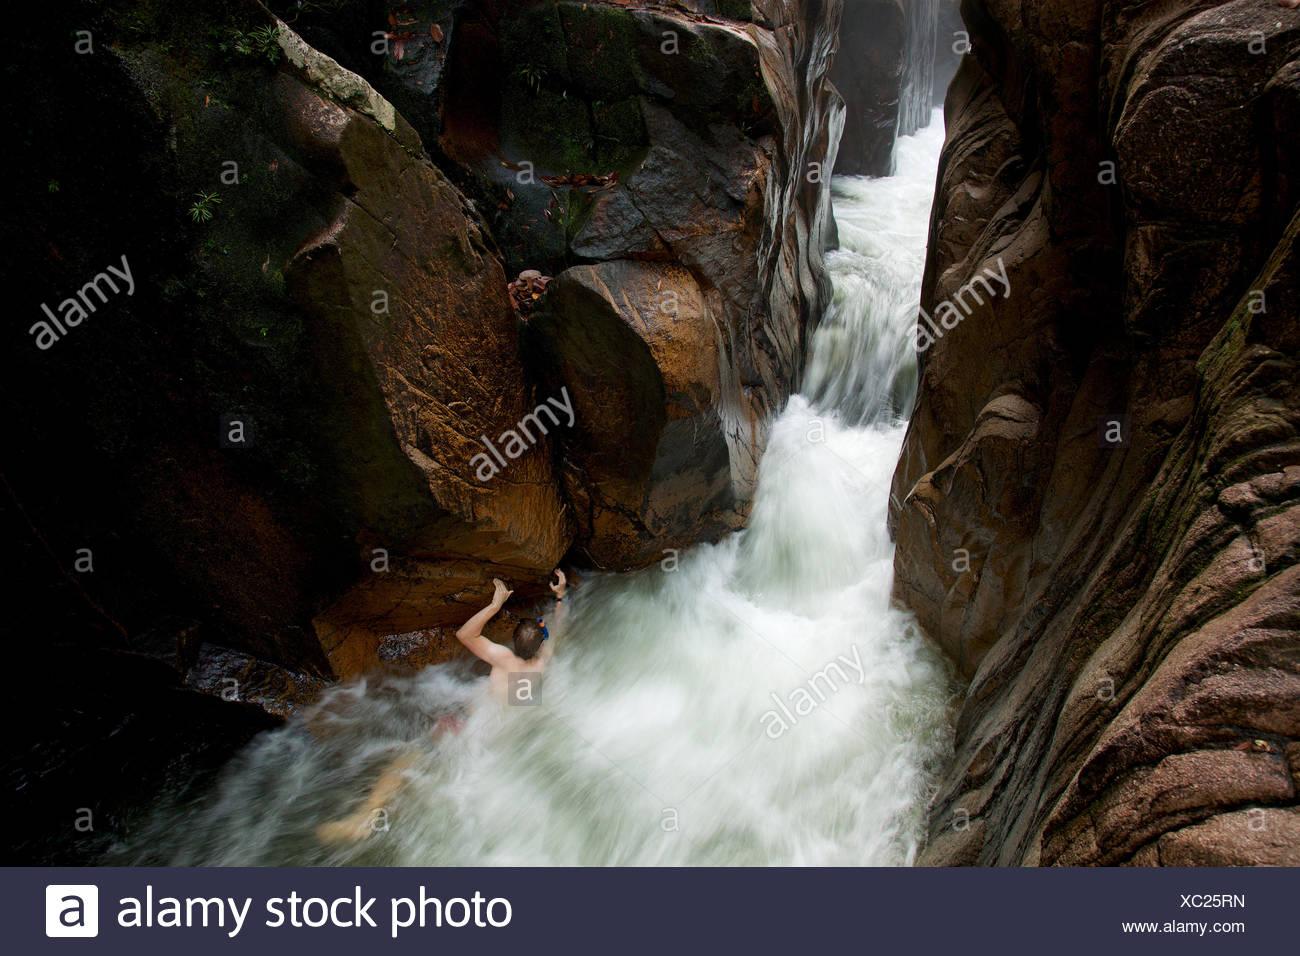 El agua brota a través Riam, o el canal Parit Falls, una inusual la ranura en la parte superior de la cascada Río Siduk. Imagen De Stock